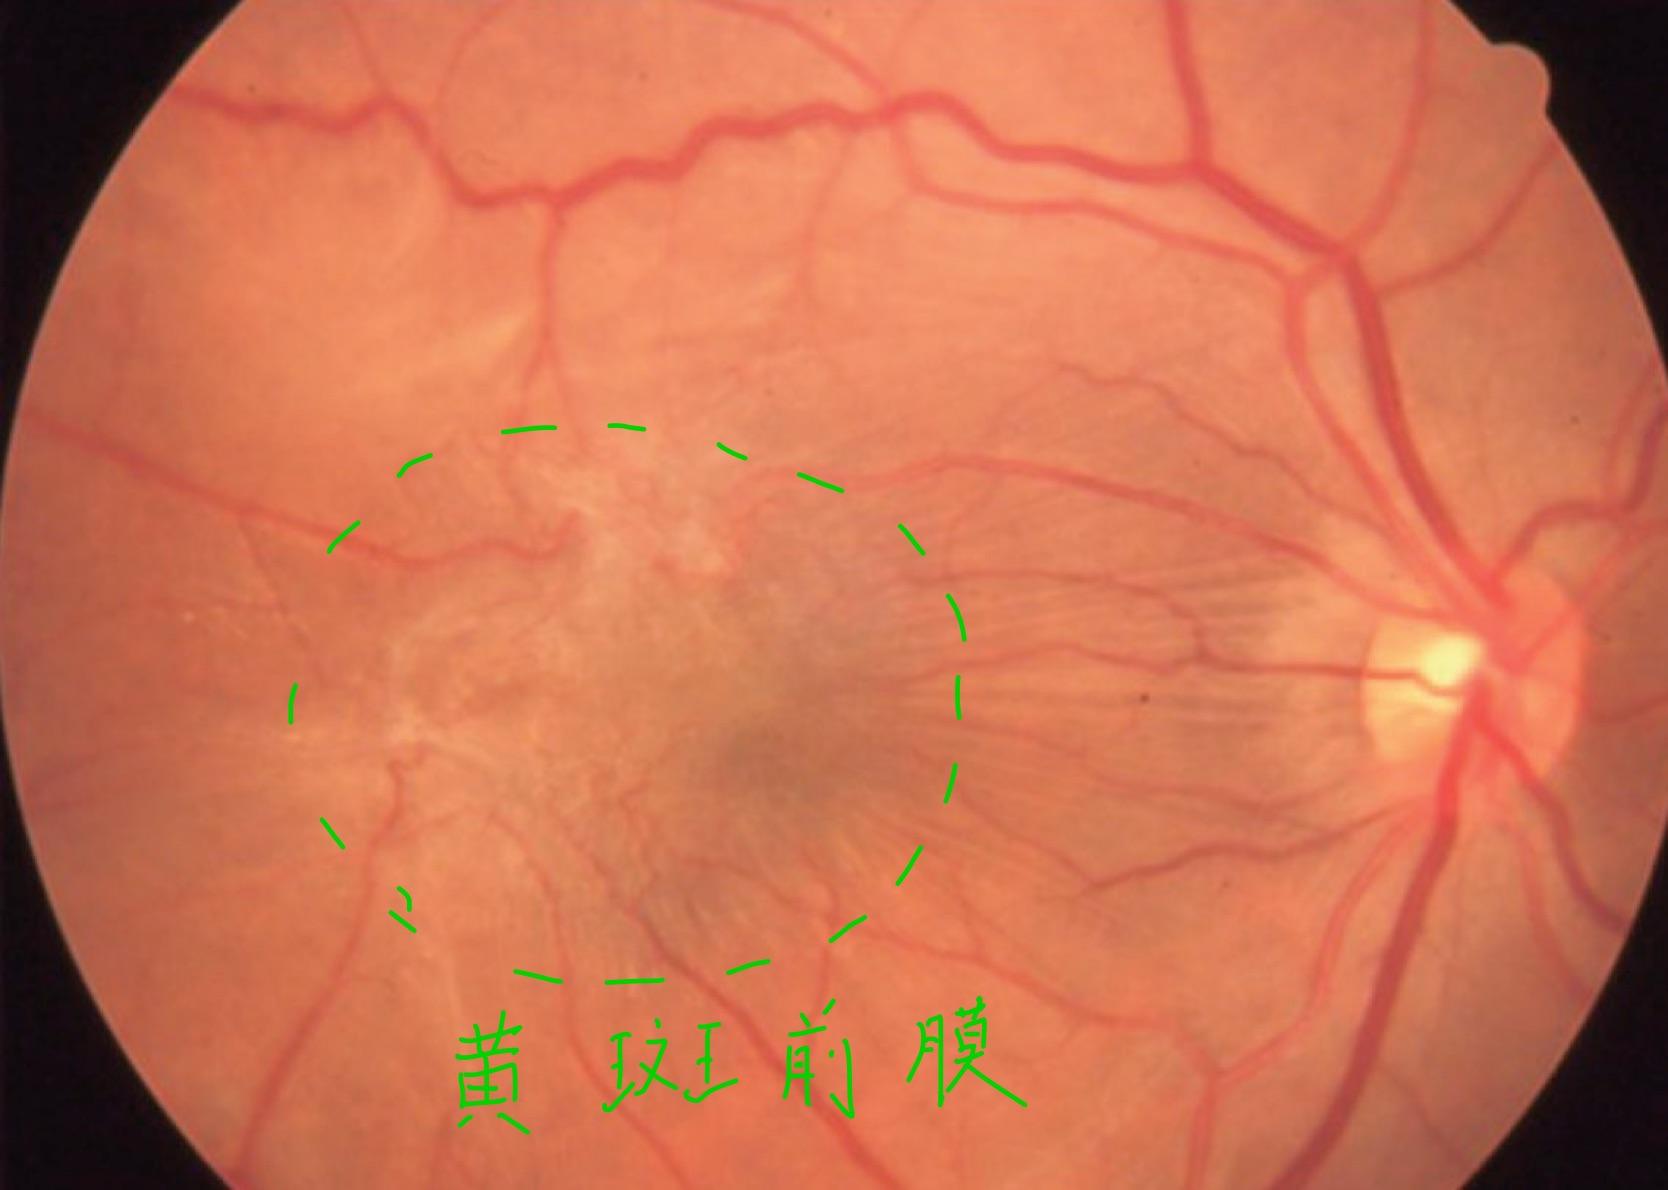 医師国家試験113D59_画像_黄斑上膜の眼底写真_改変